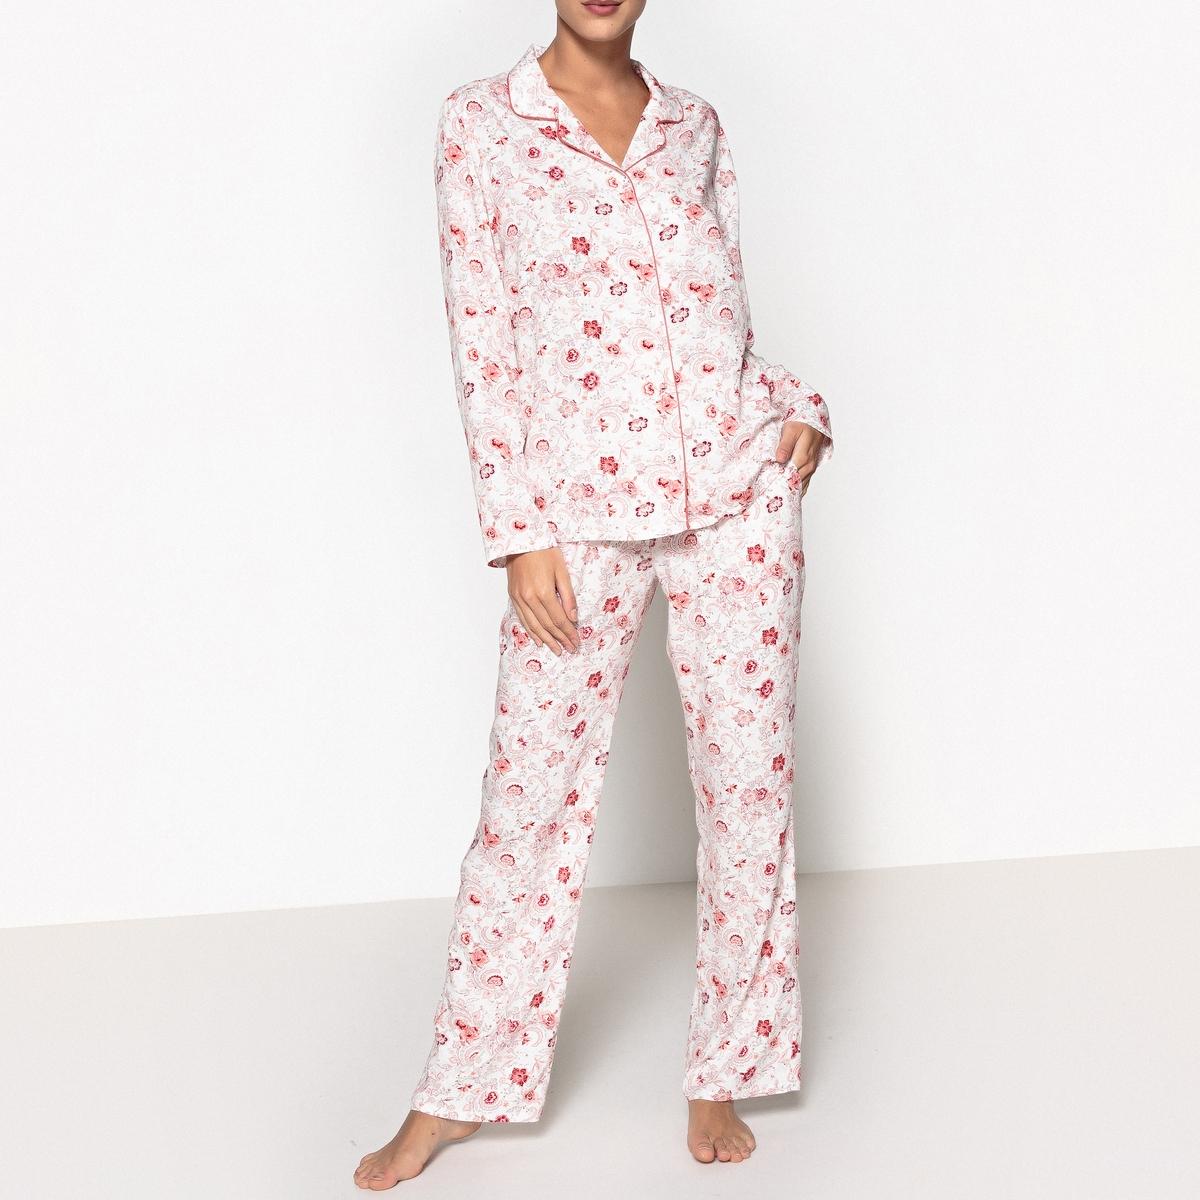 Пижама с рубашкойОписание:Пижама в мужском стиле с цветочным рисунком, придающим женственности! Детали. •  Пижамас длинными рукавами. •  Брюки с эластичным поясом. •  2 боковых кармана. •  Длина : вверху : 68,30 см, длина по внутр. шву : 77 смСостав и уход •  Материал : 100% вискоза. •  Машинная стирка при 30° с вещами схожих цветов. •  Стирать и гладить с изнаночной стороны. •  Машинная сушка запрещена. •  Гладить при низкой температуре.<br><br>Цвет: набивной рисунок